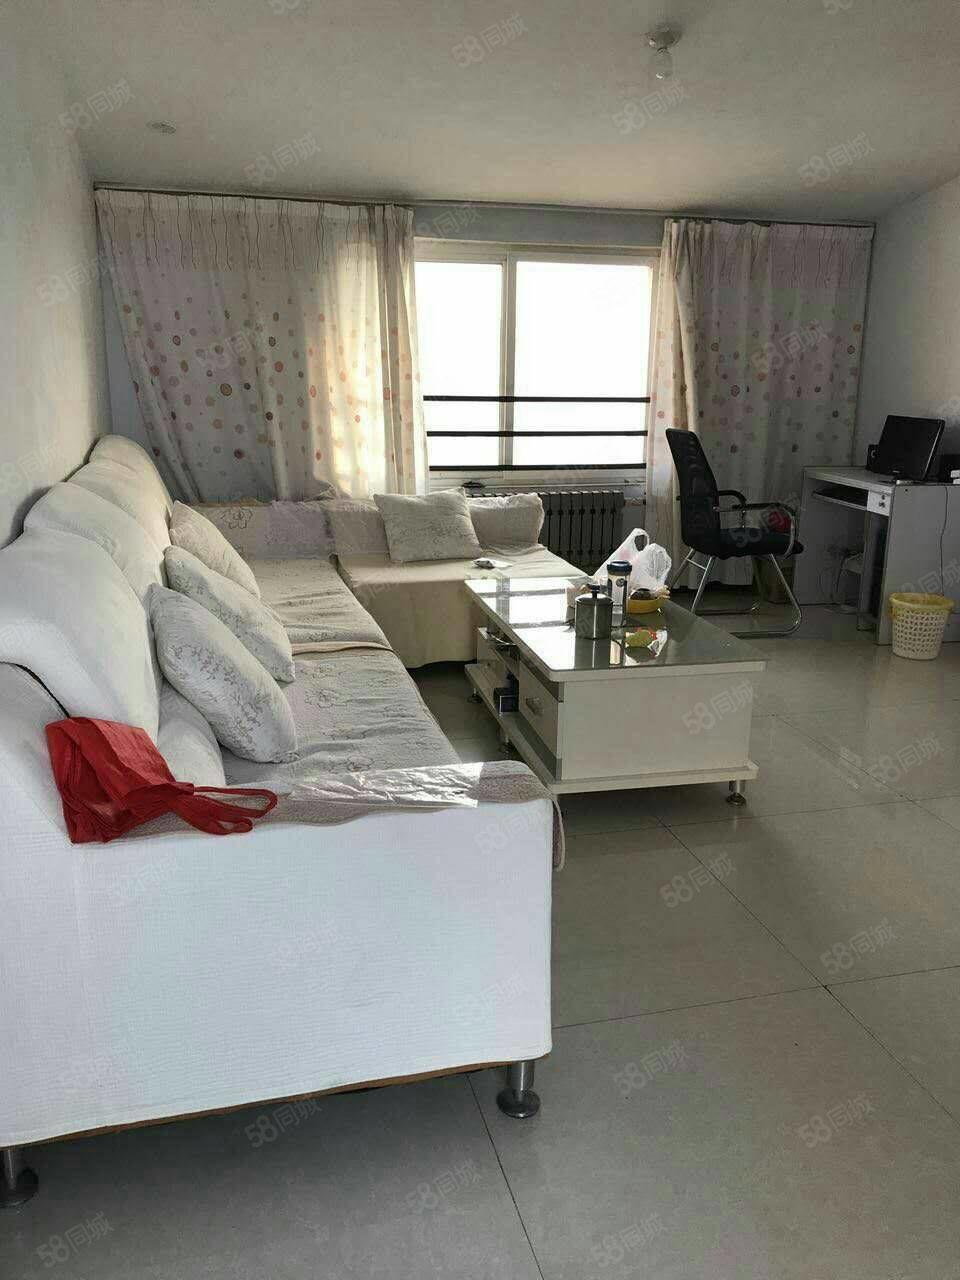 牟山一区,7楼,共7层,有证能贷款,带地下室。